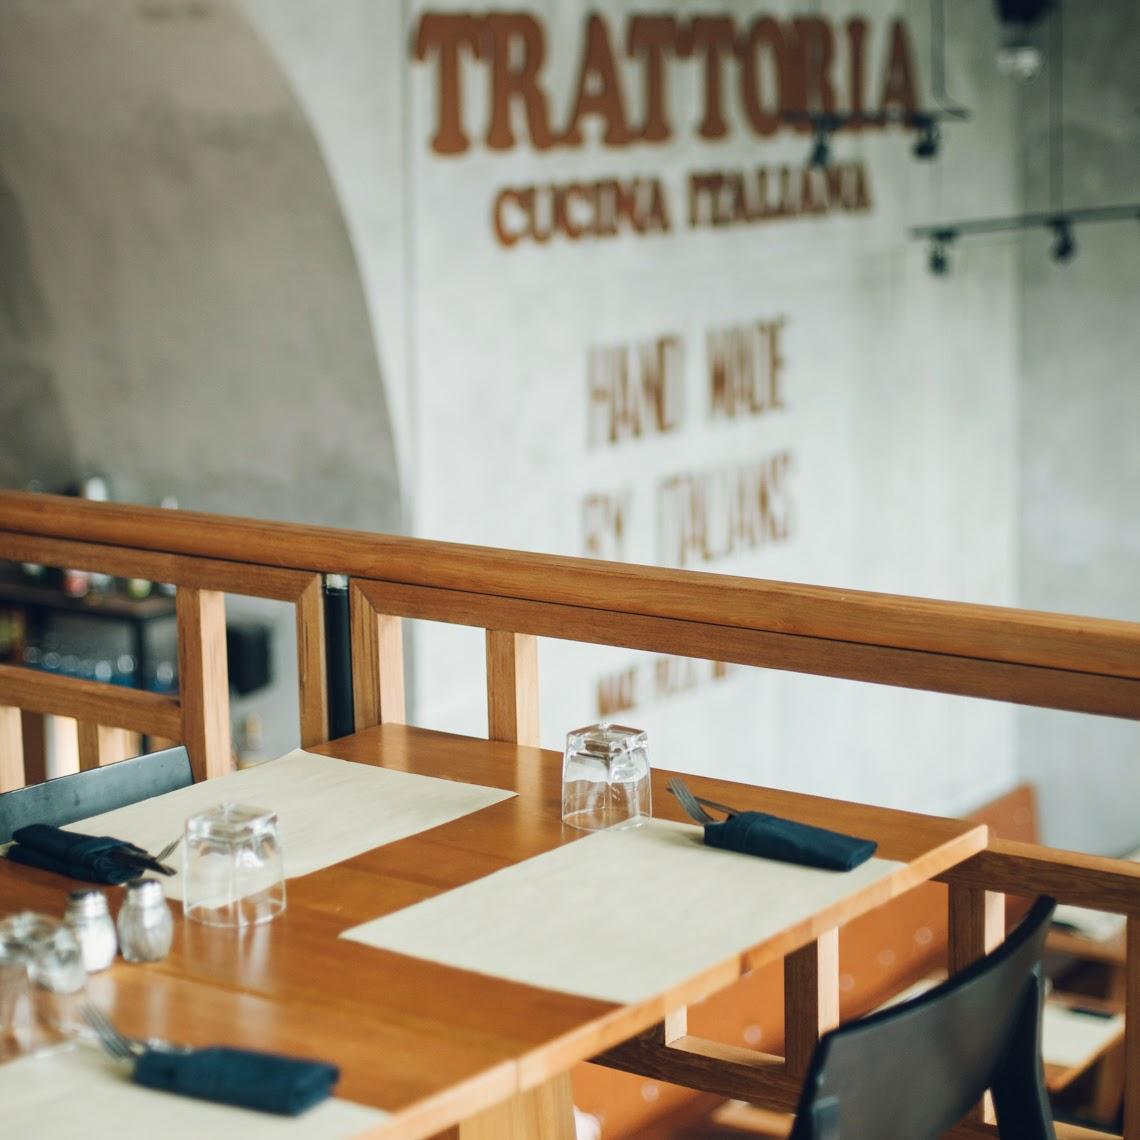 Trattoria cucina italiana st moritz jakarta for Cucina italiana